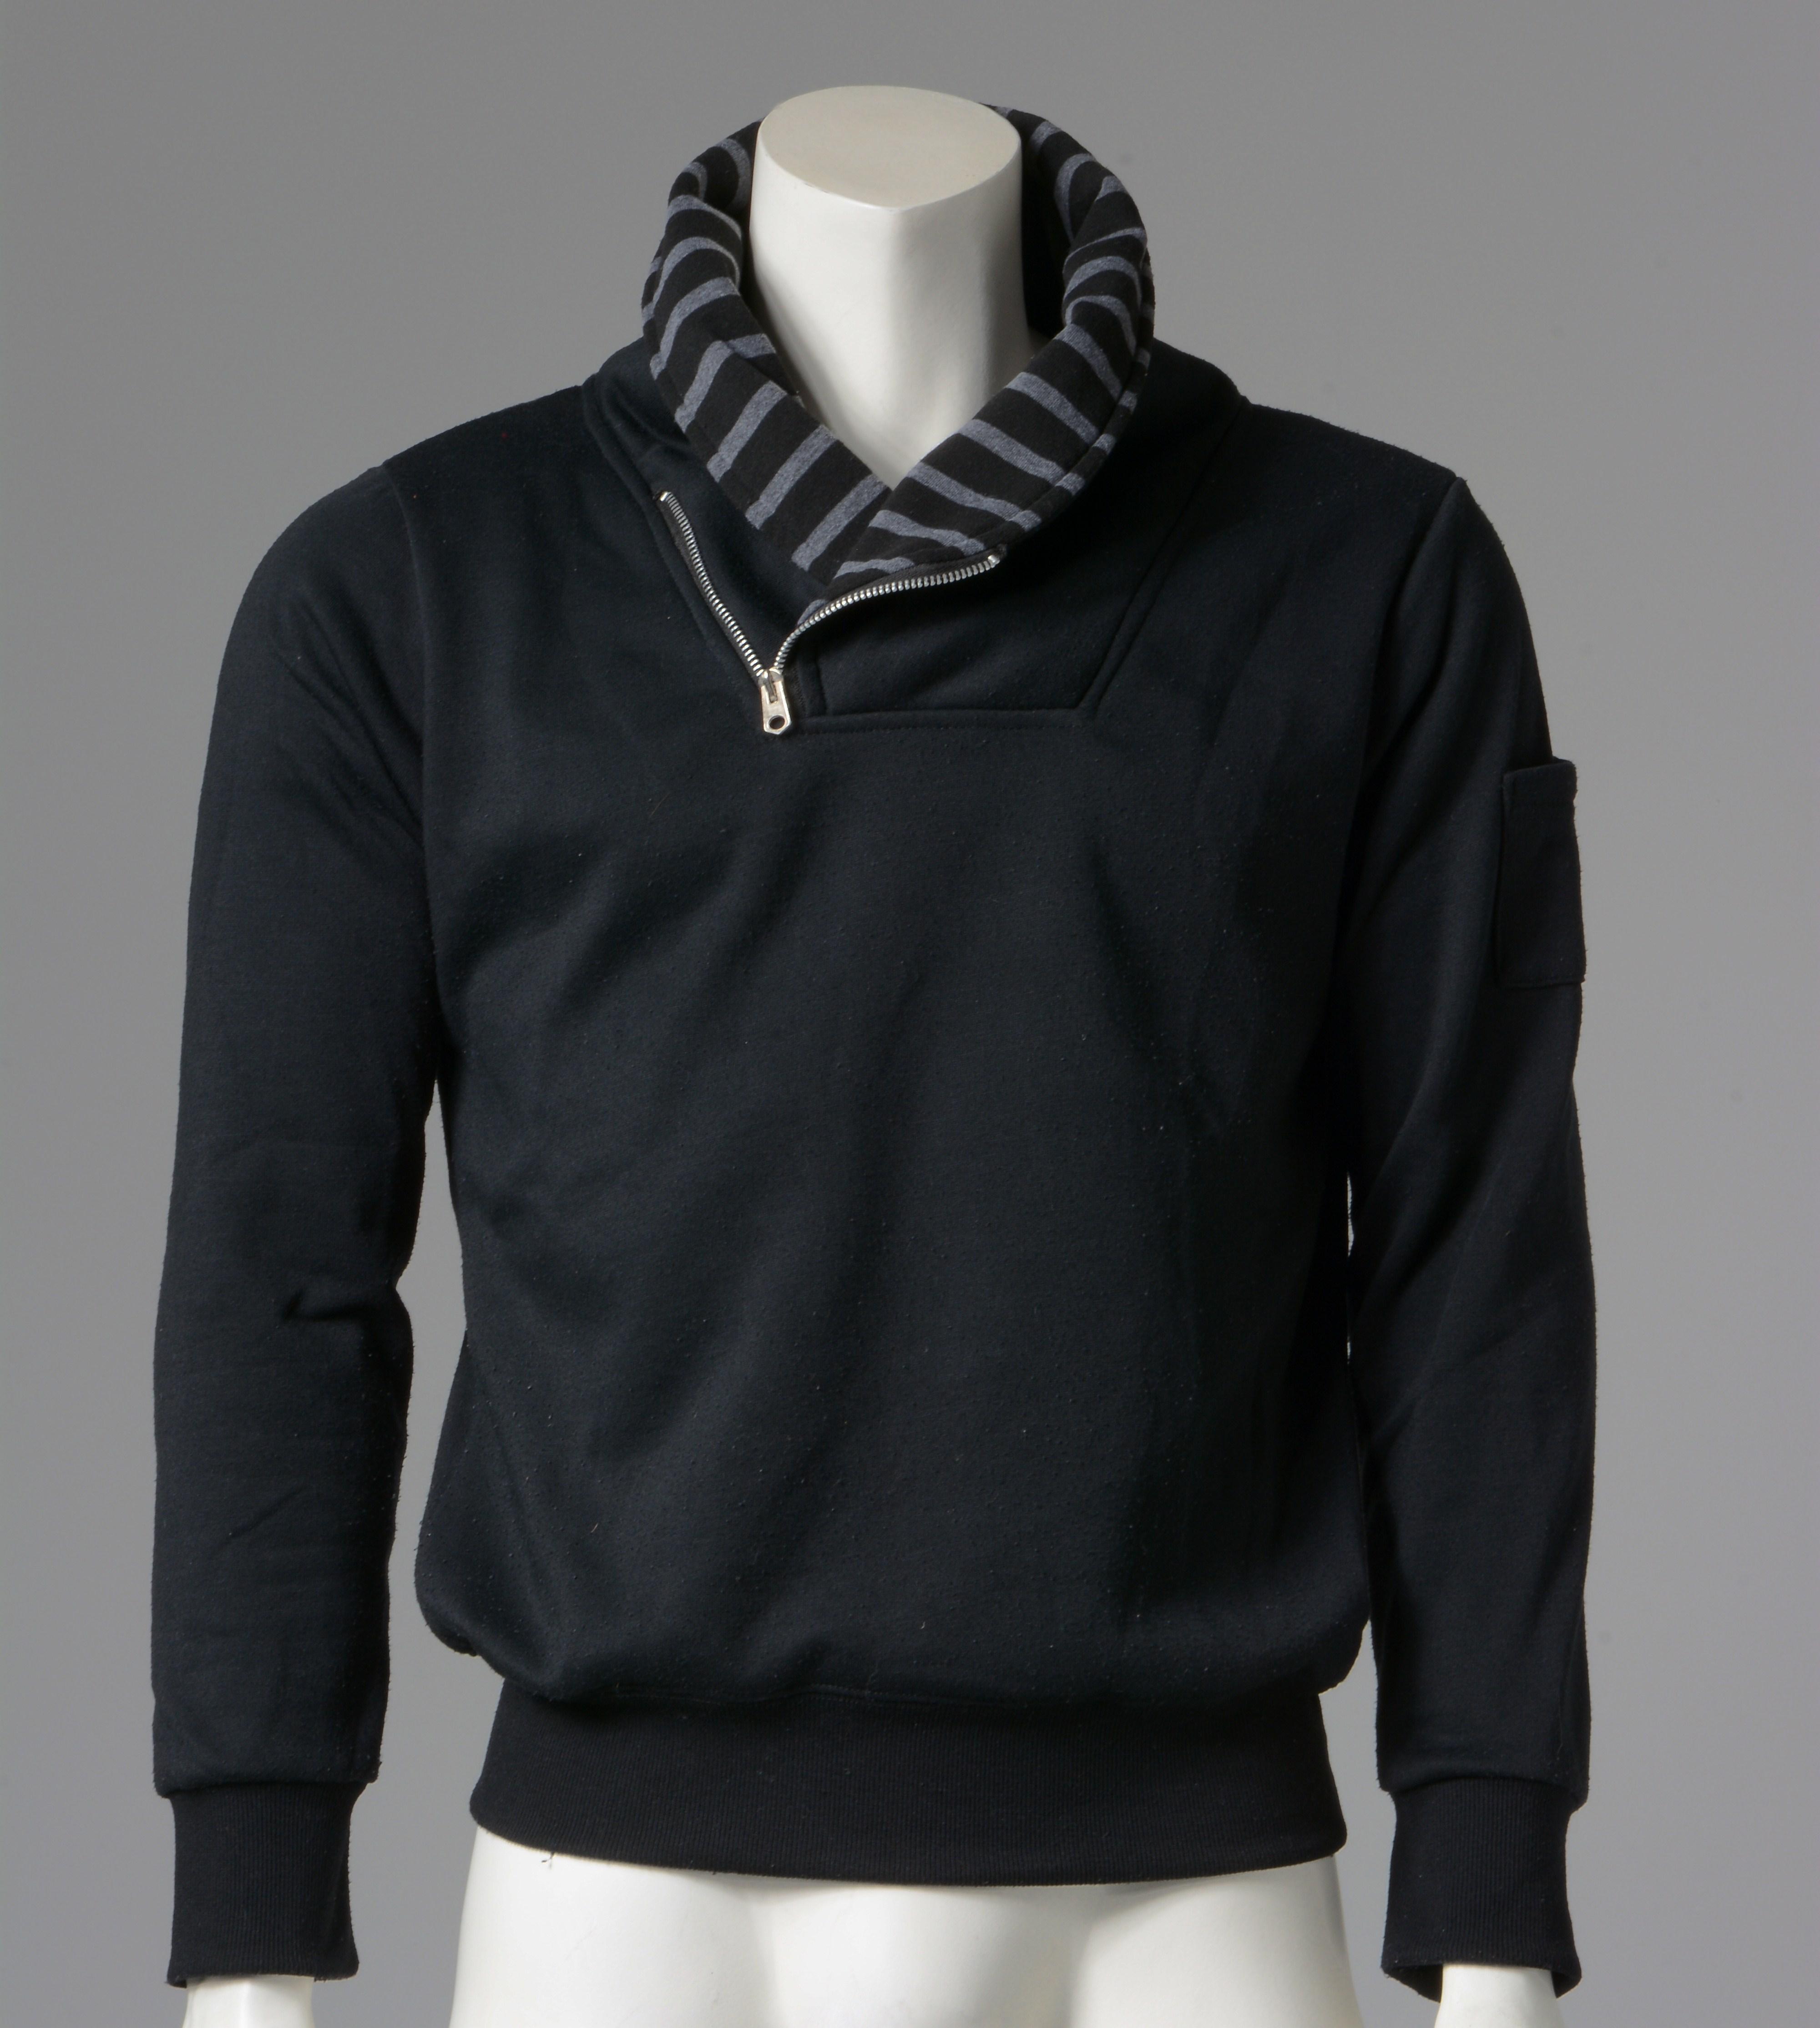 Μπλούζα φούτερ γιακάς φερμουάρ